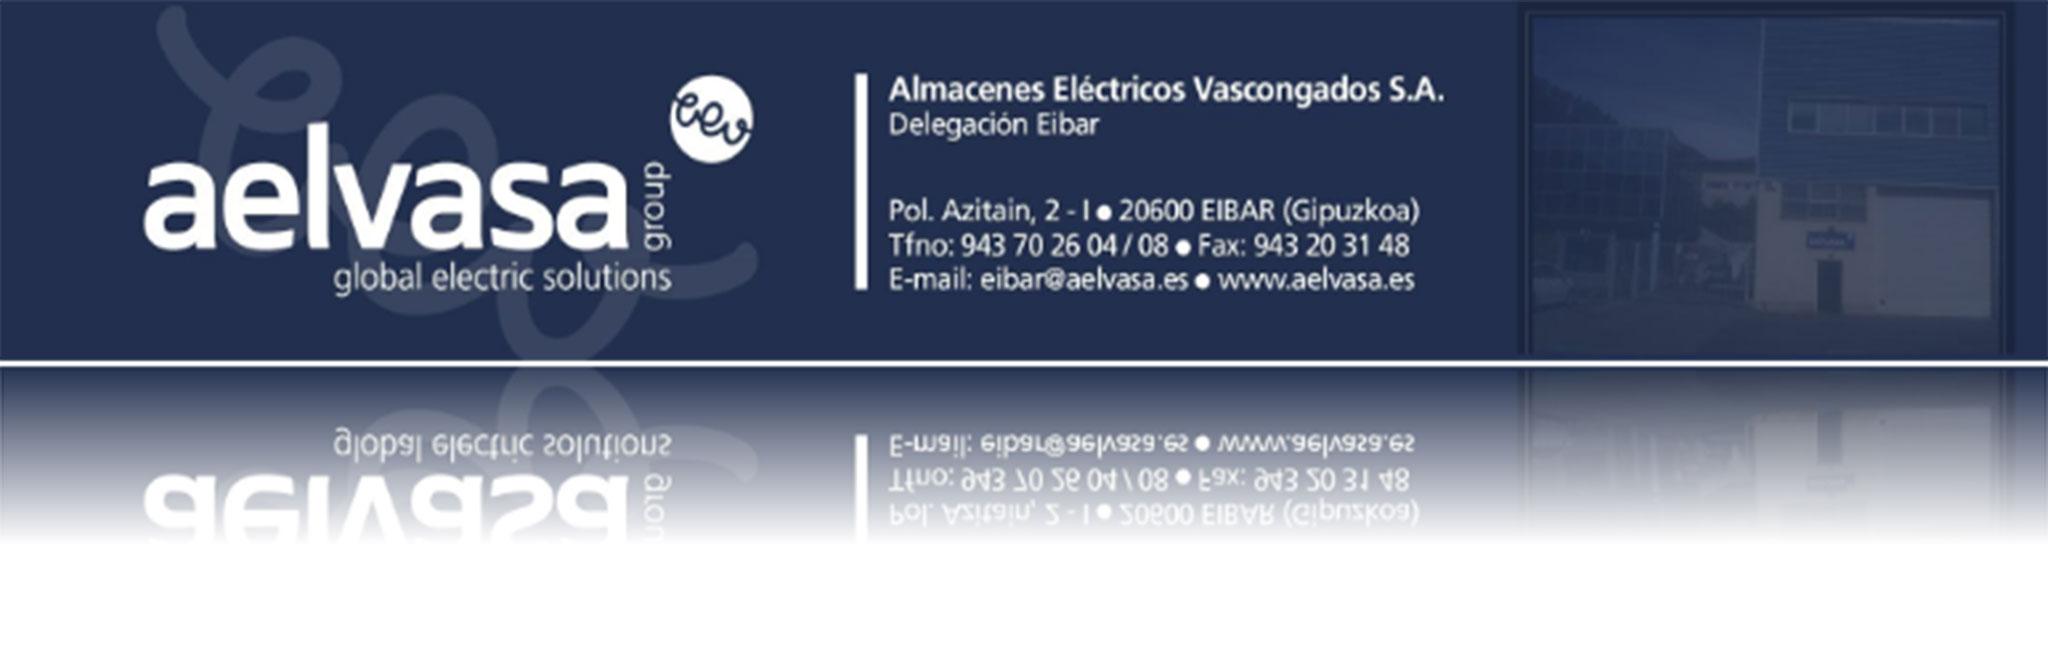 datos-de-contacto-aelvasa-eibar